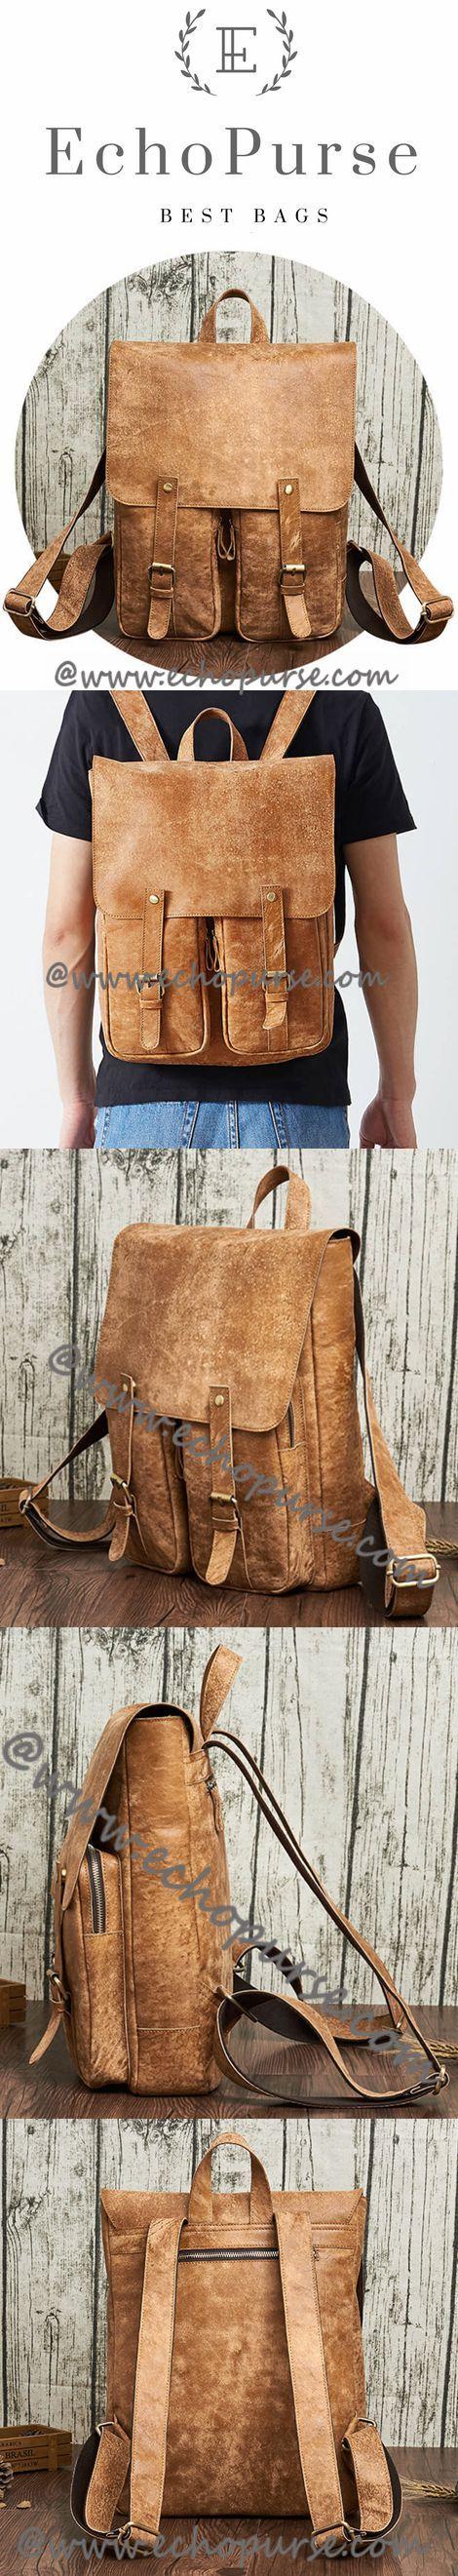 Mens Handcrafted Real Leather Vintage School Backpack, Shoulder Bag, Travel Bag Large NMW6355